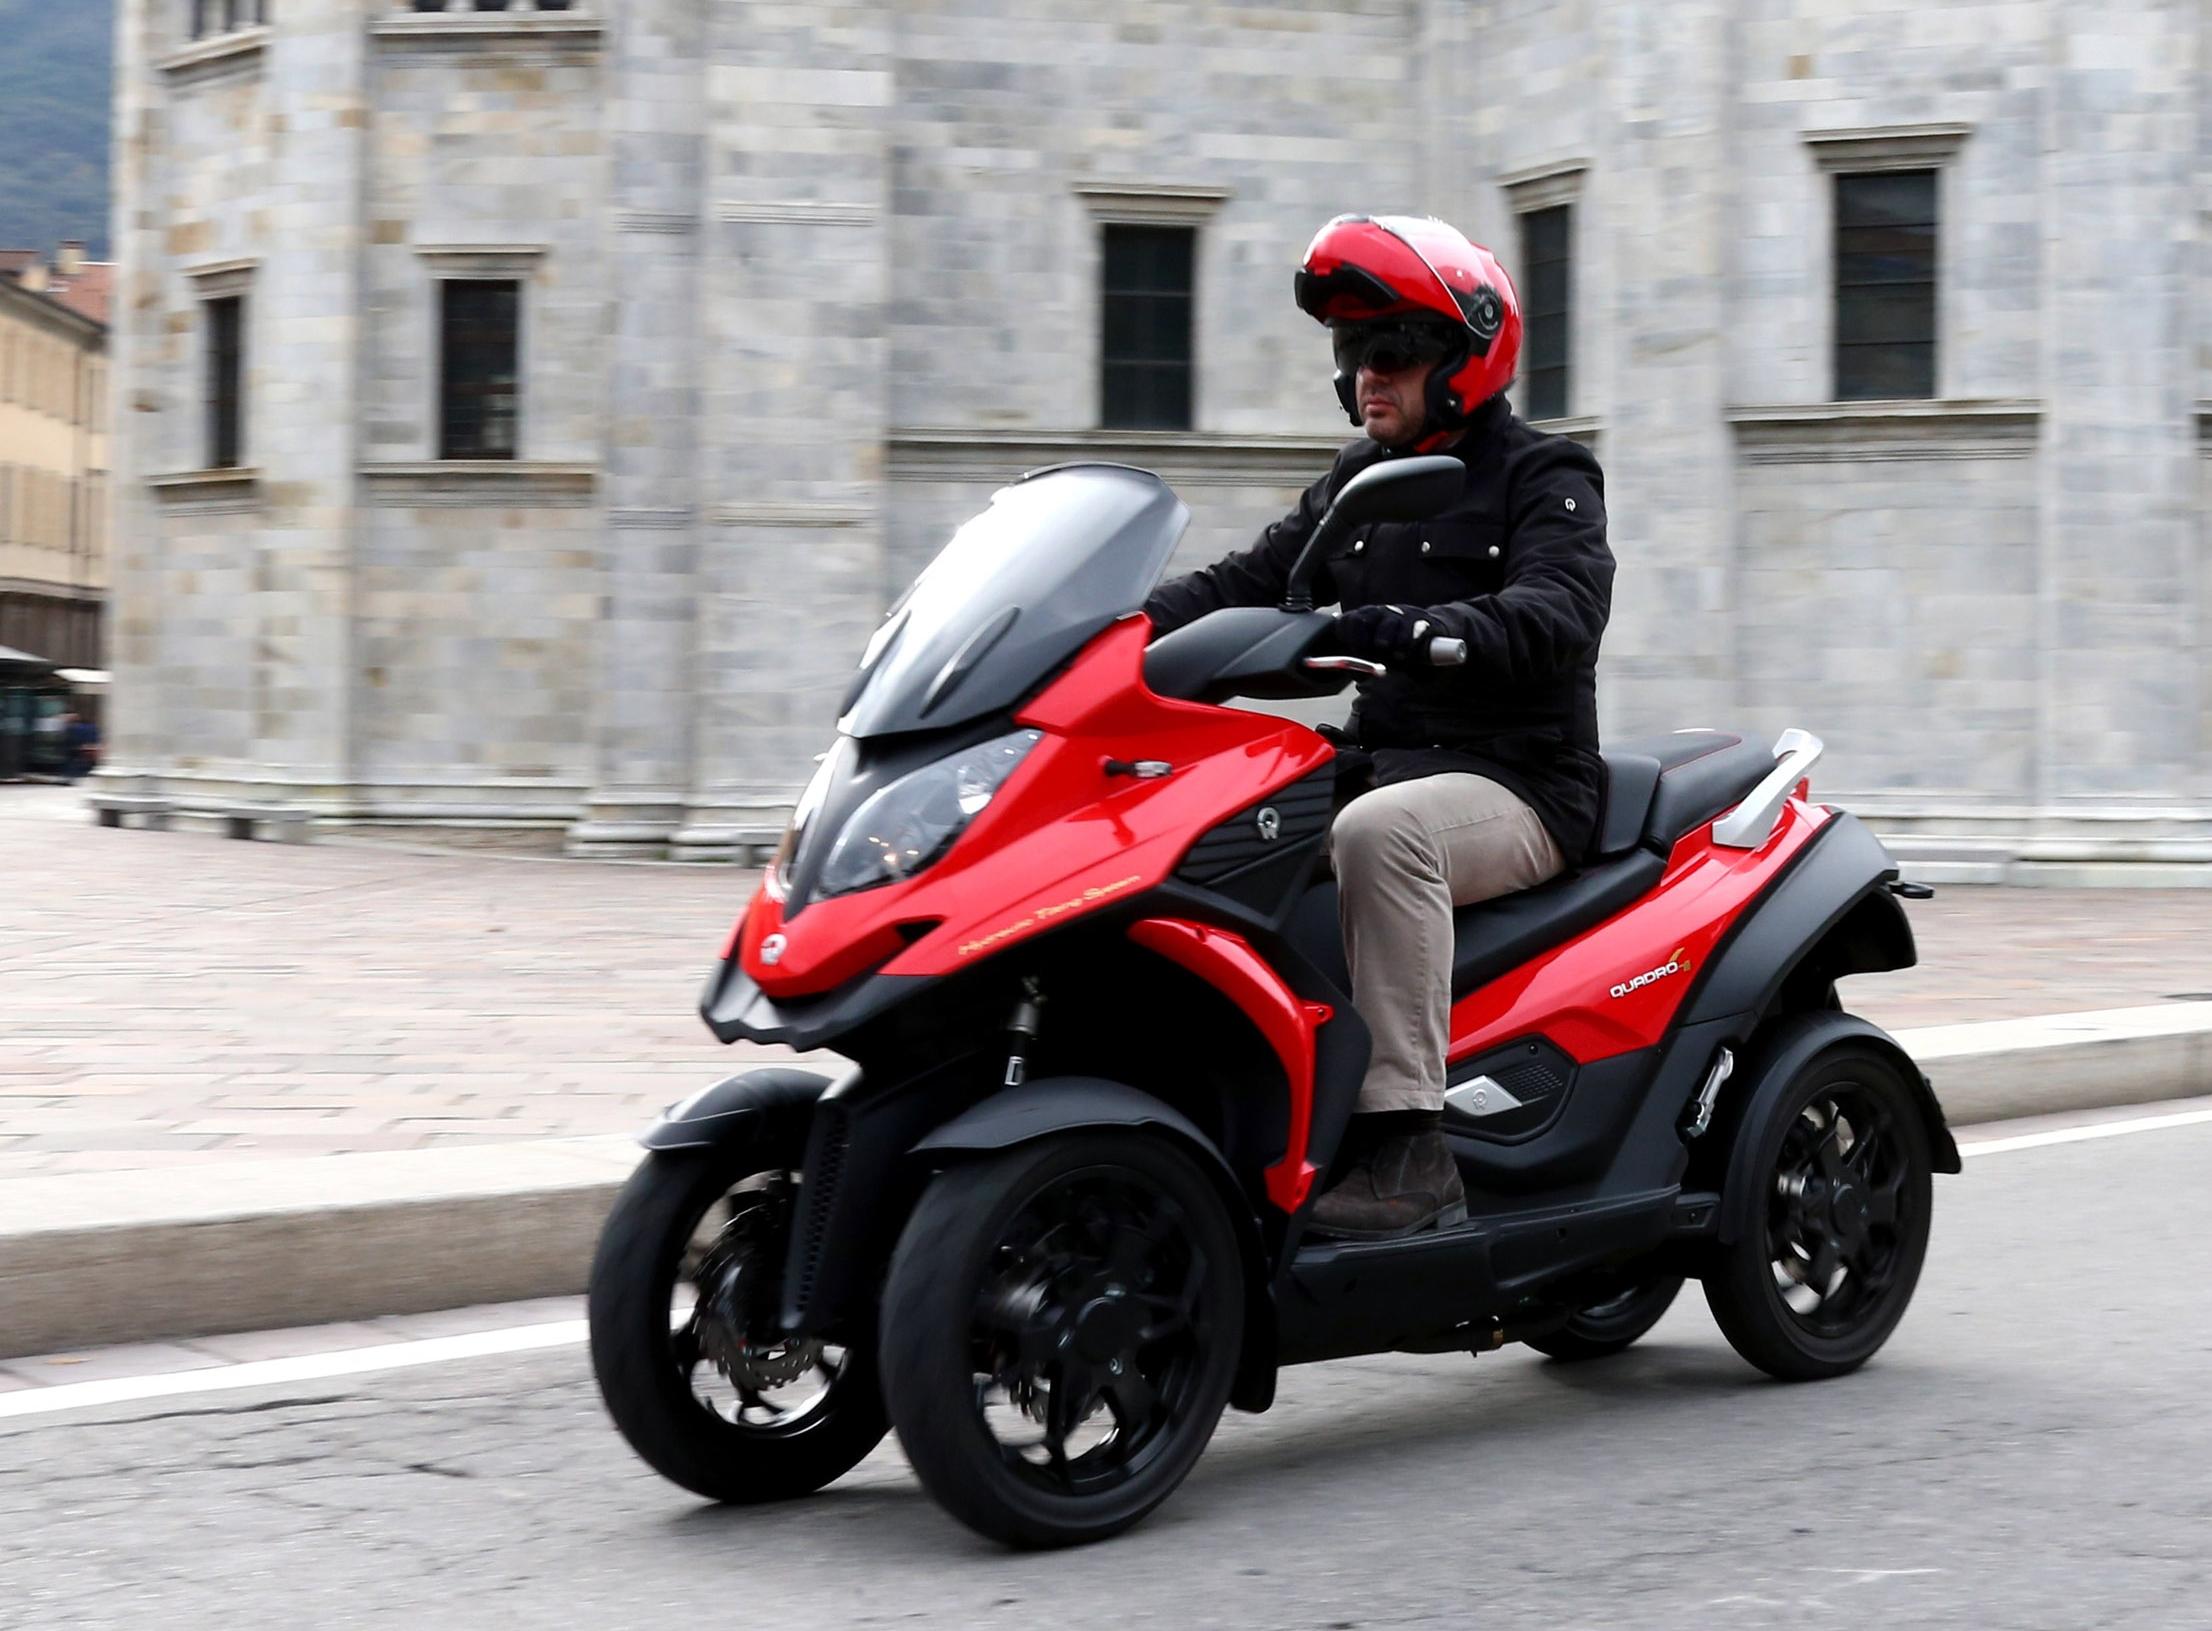 quadro 4 le 1er scooter quatre roues en concession. Black Bedroom Furniture Sets. Home Design Ideas